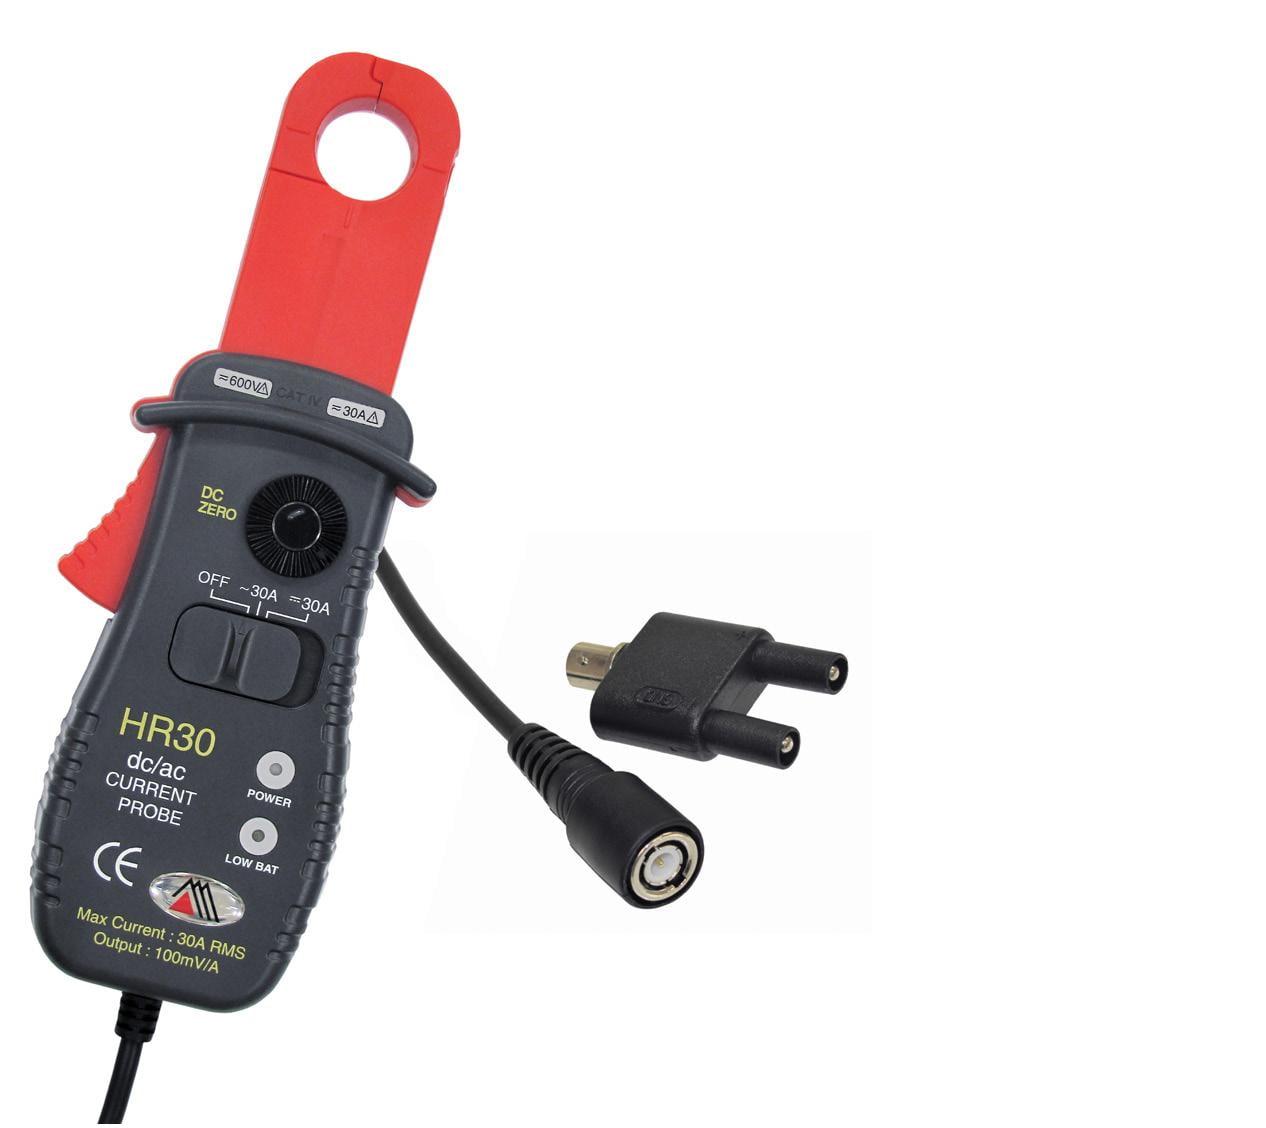 Garra de Corrente p/ Osciloscópio (30 AAC/DC) Minipa HR-30